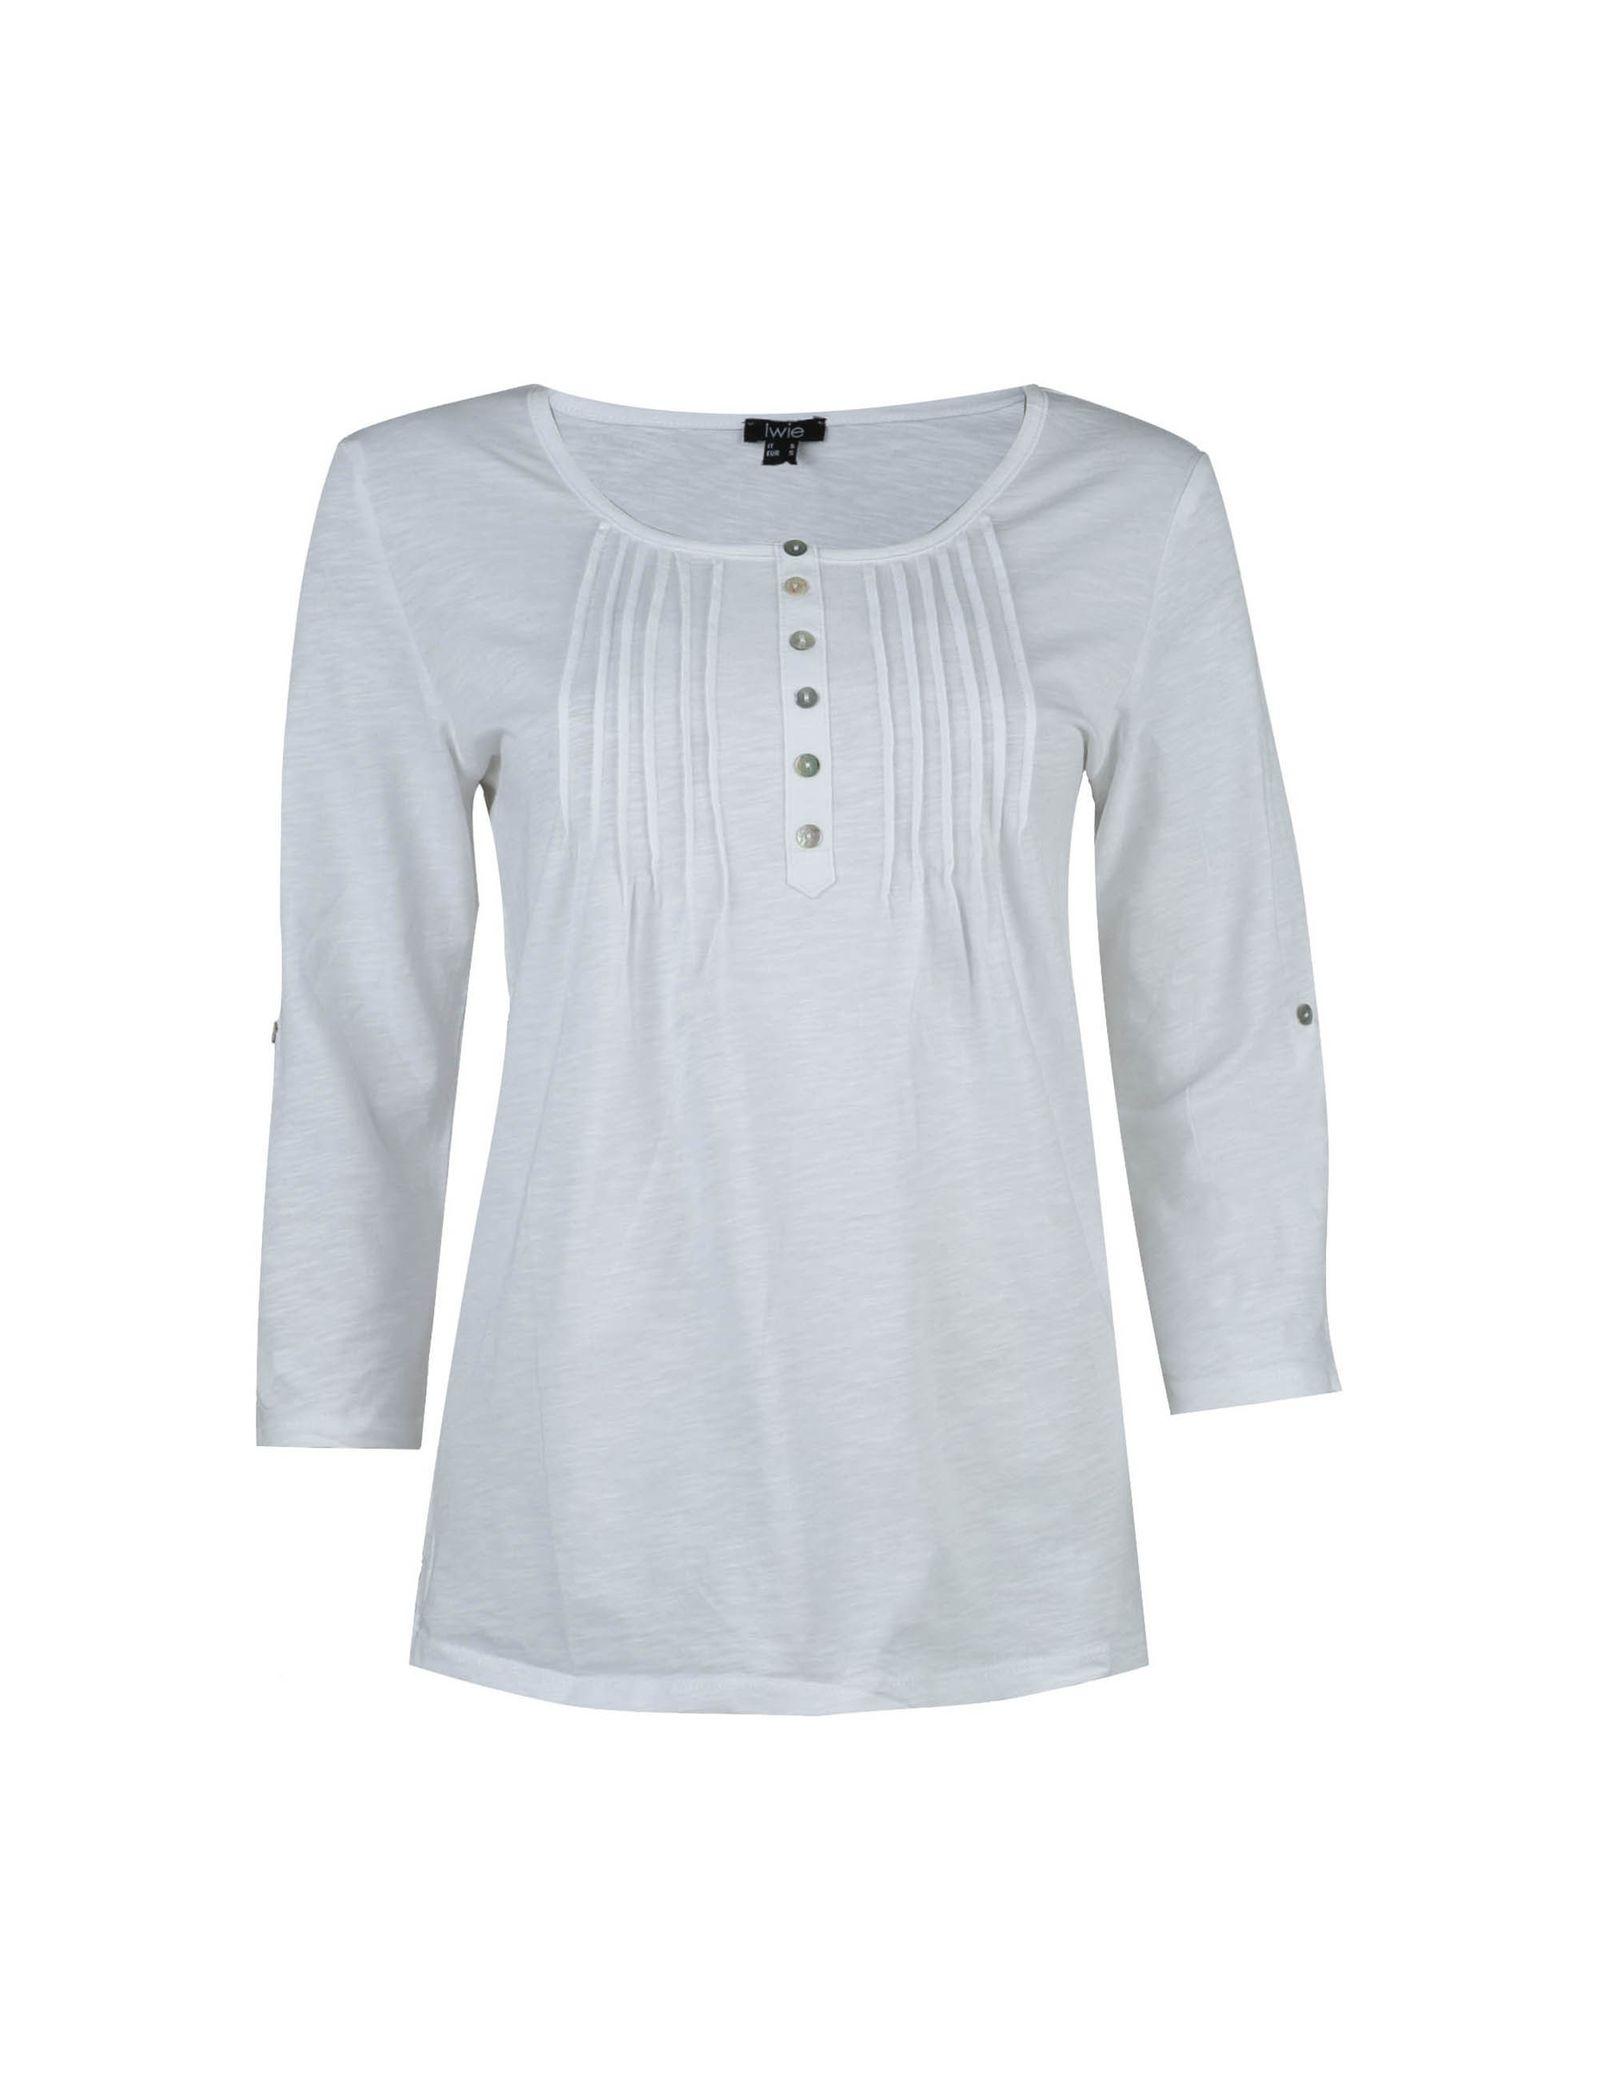 تی شرت نخی یقه گرد زنانه - یوپیم - سفيد - 1